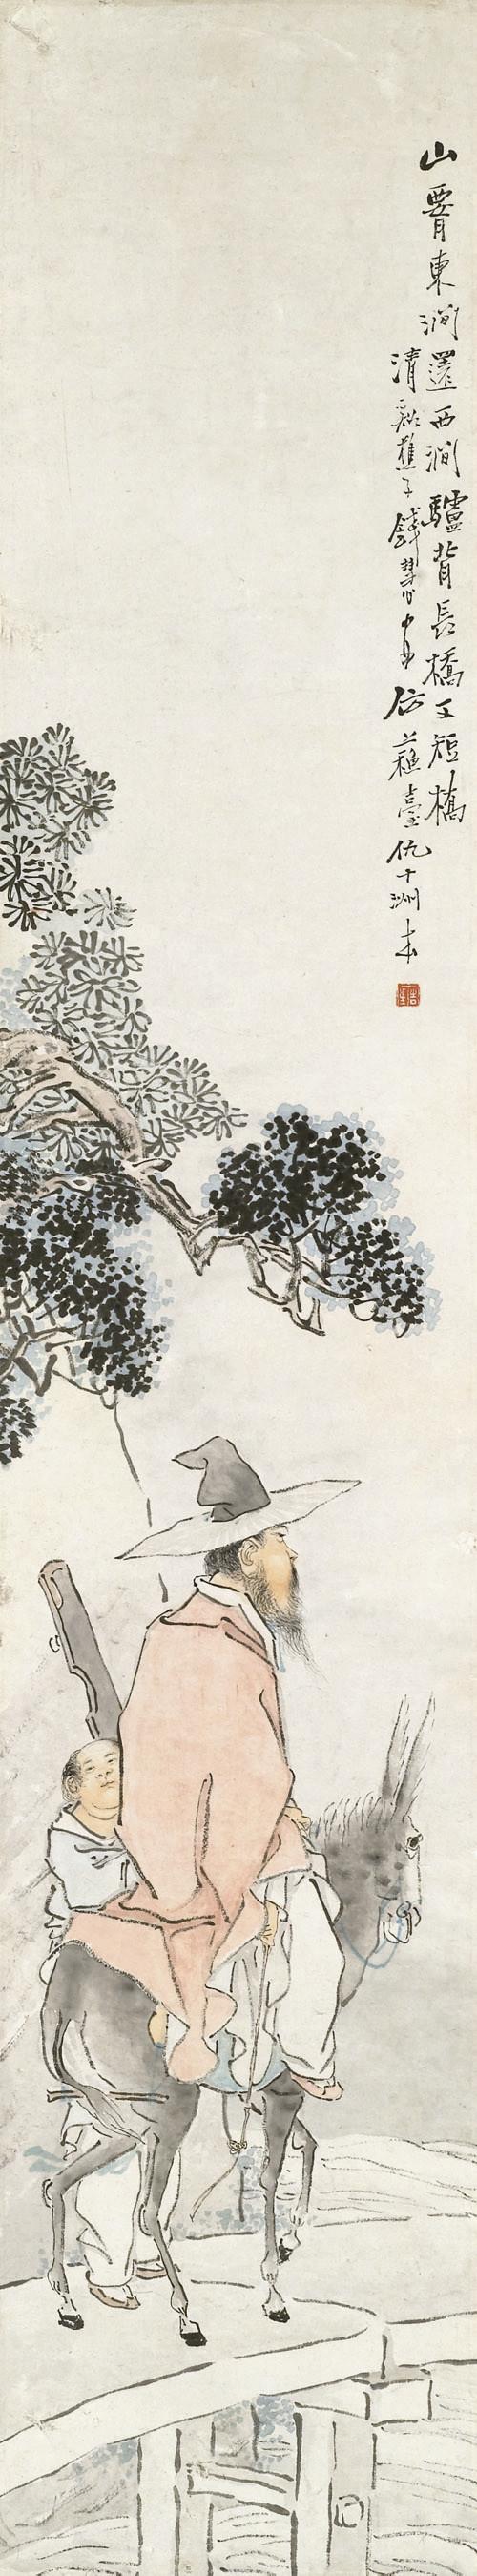 QIAN HUI'AN (1833-1911)